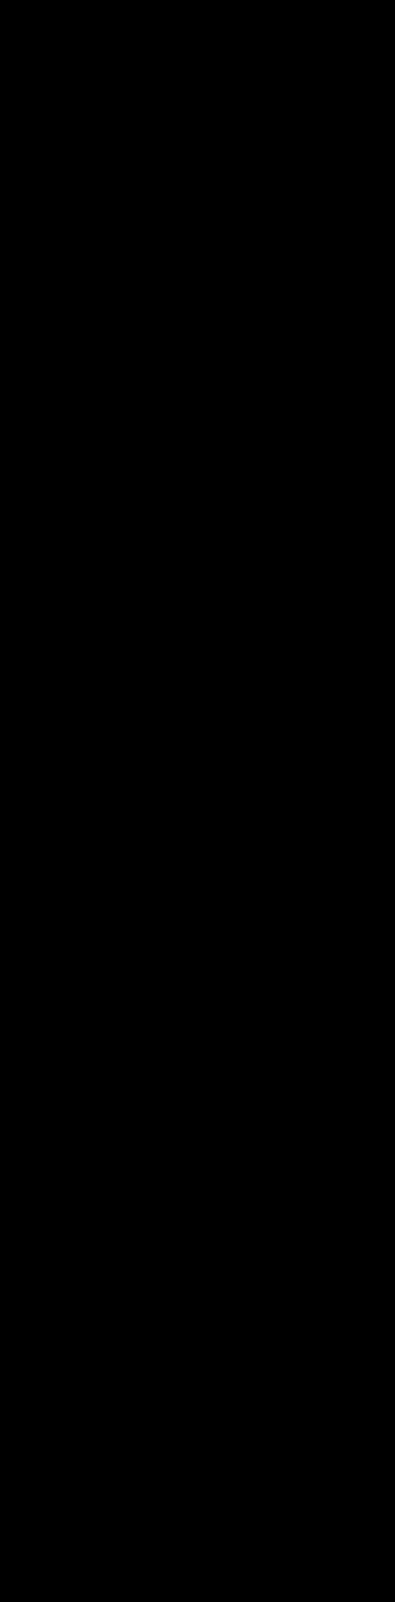 คอร์ดกีต้า คอร์ดกีตาร์ ง่าย เพลง นางฟ้าเปื้อนฝุ่น